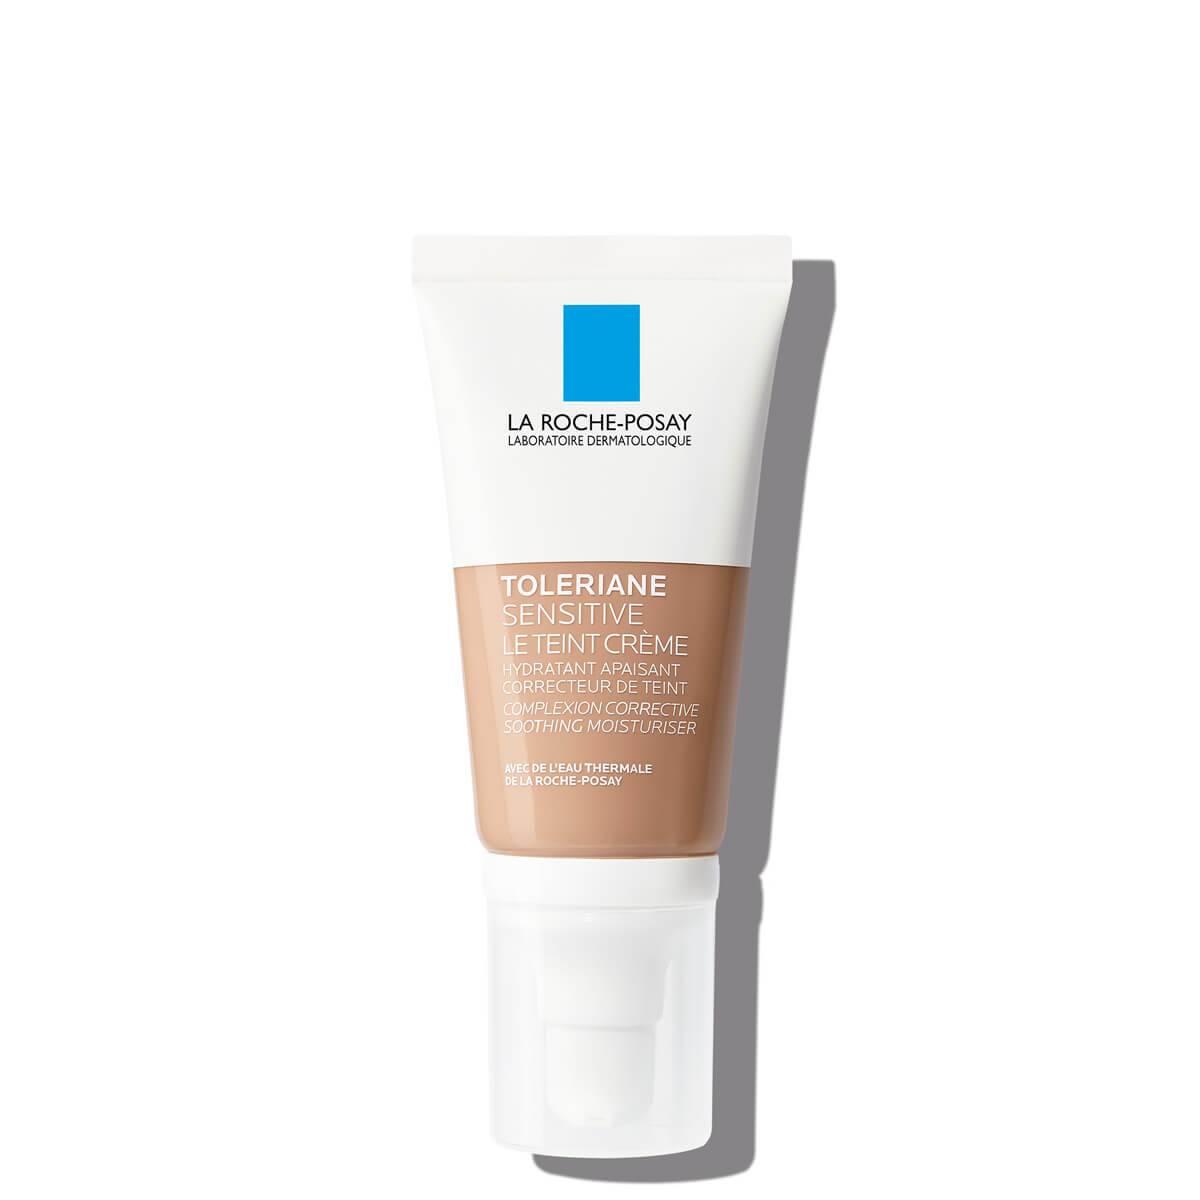 LaRochePosay-Produkt-Alergicka-Toleriane-CitlivaPlet-50ml-3337875678636-FSS